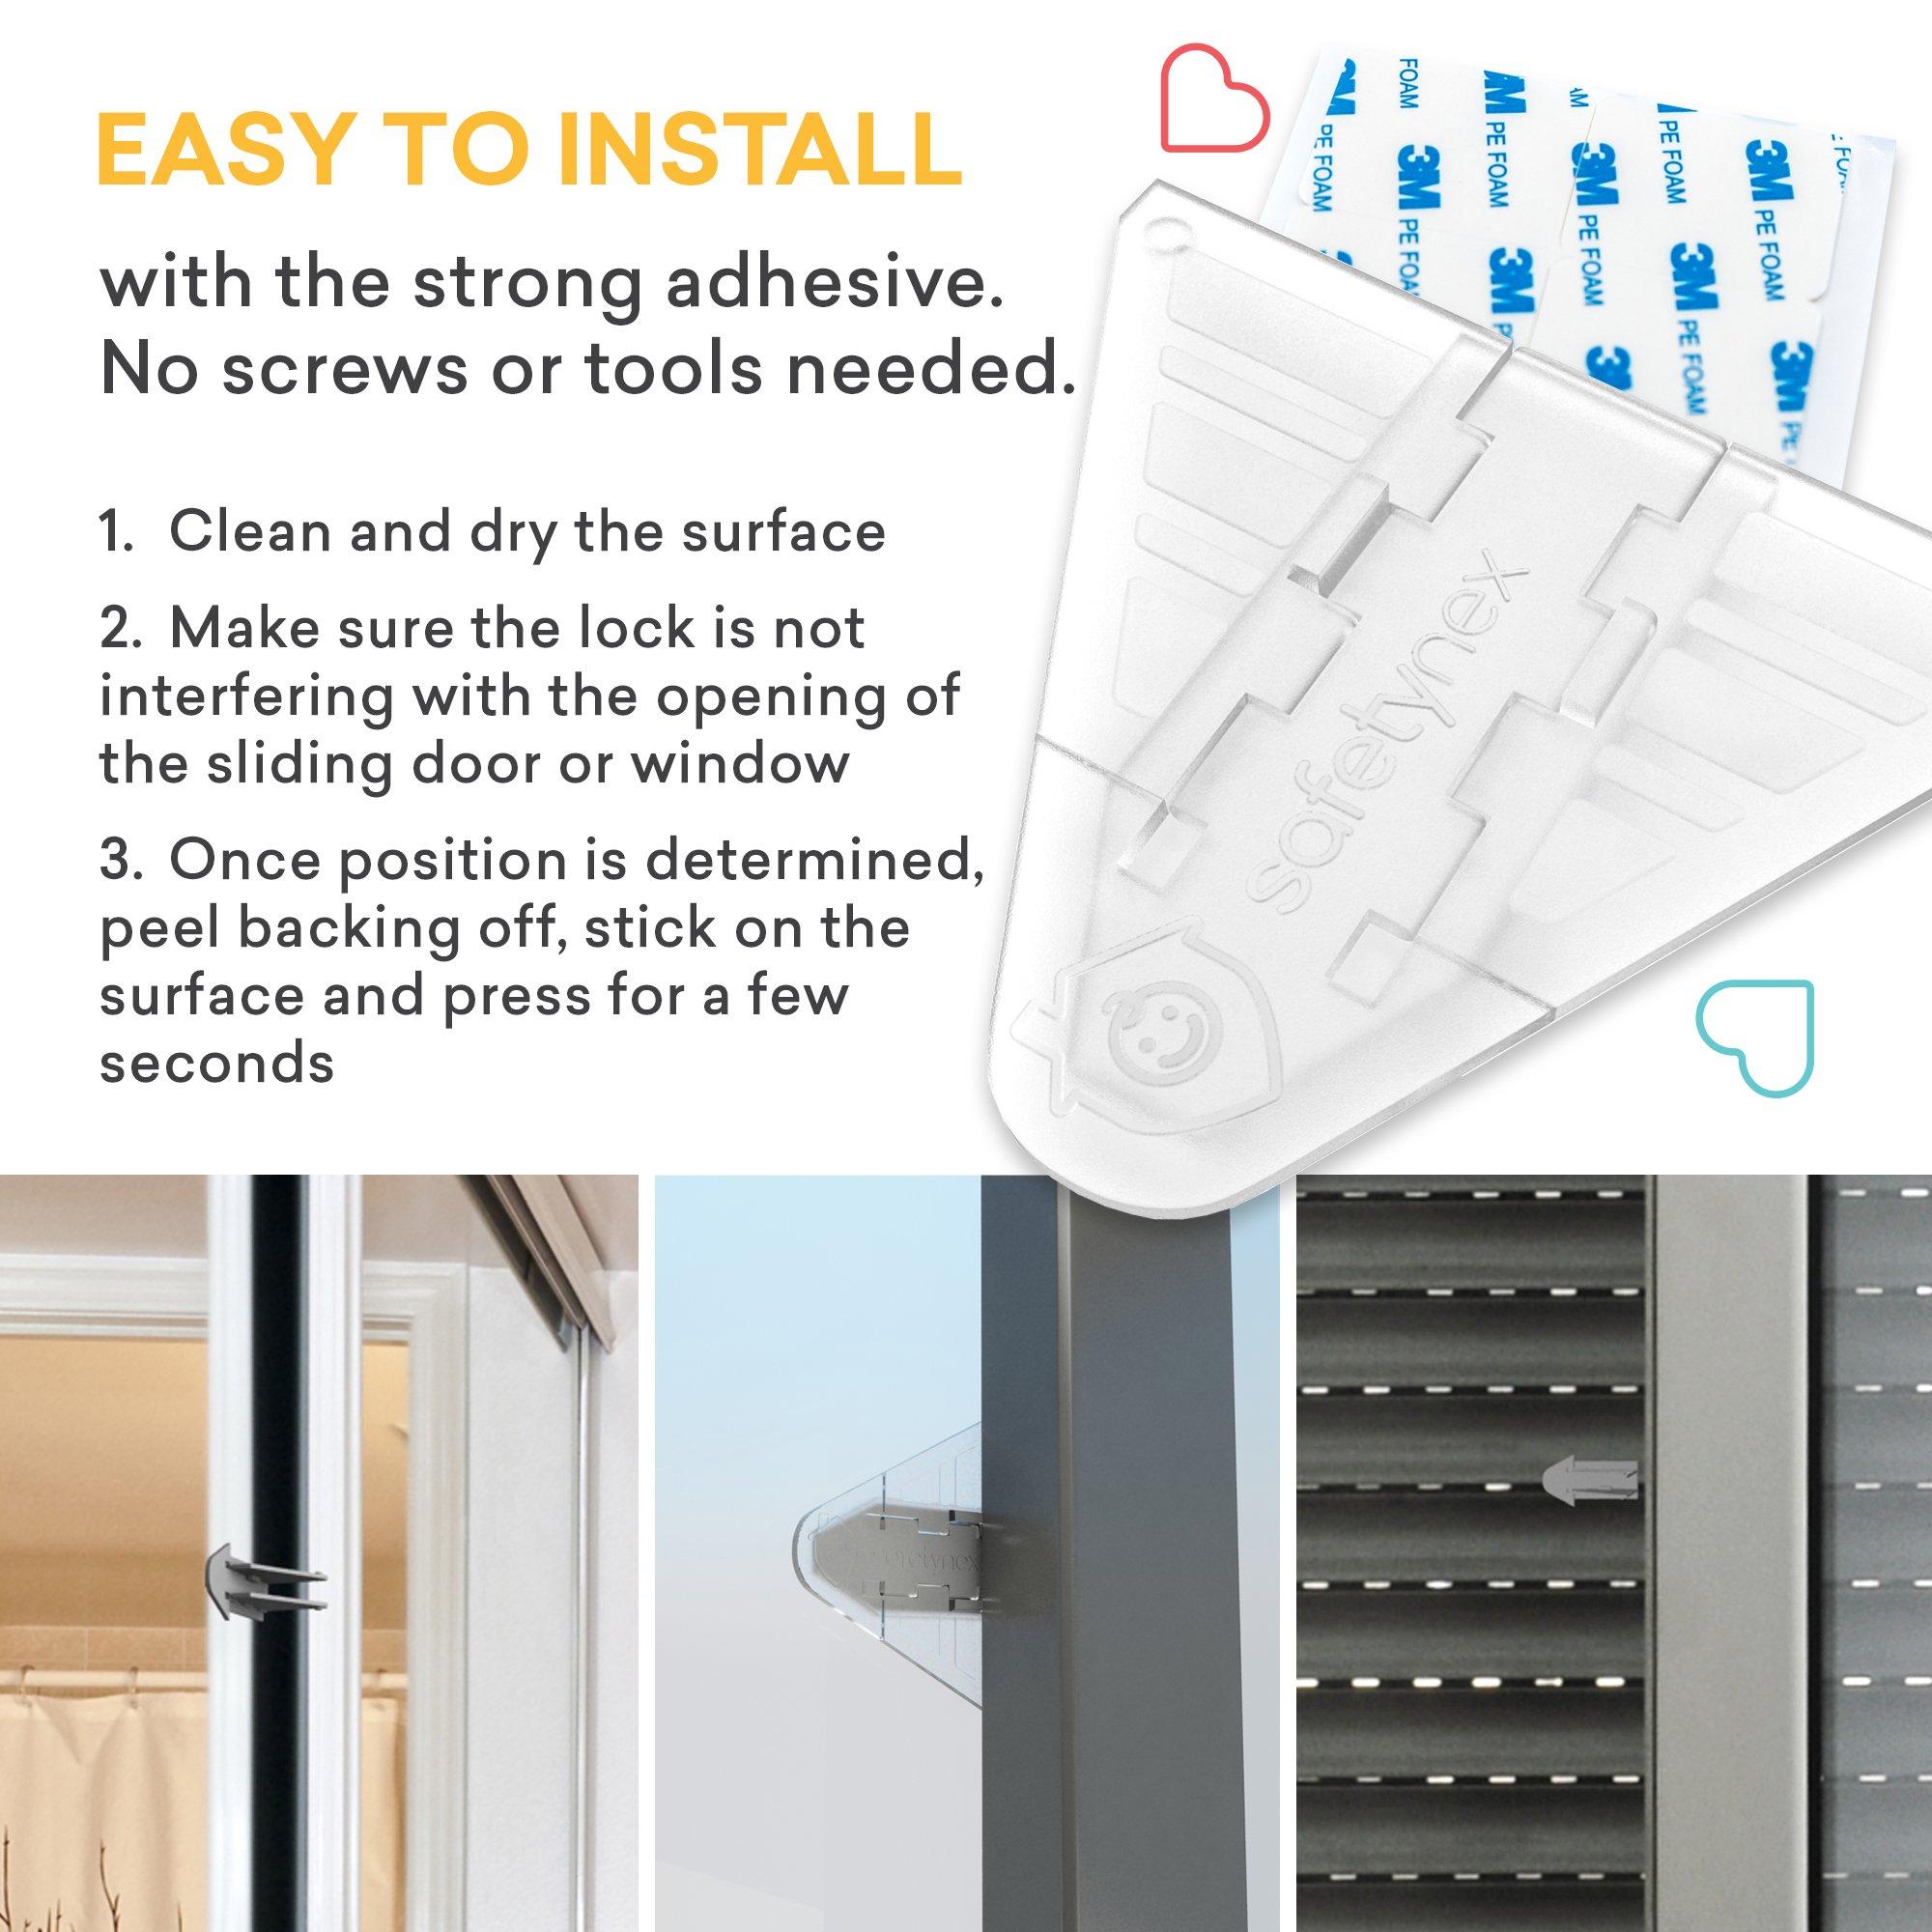 3m Adhesive Sliding Door Lock For Patio Closet Windows